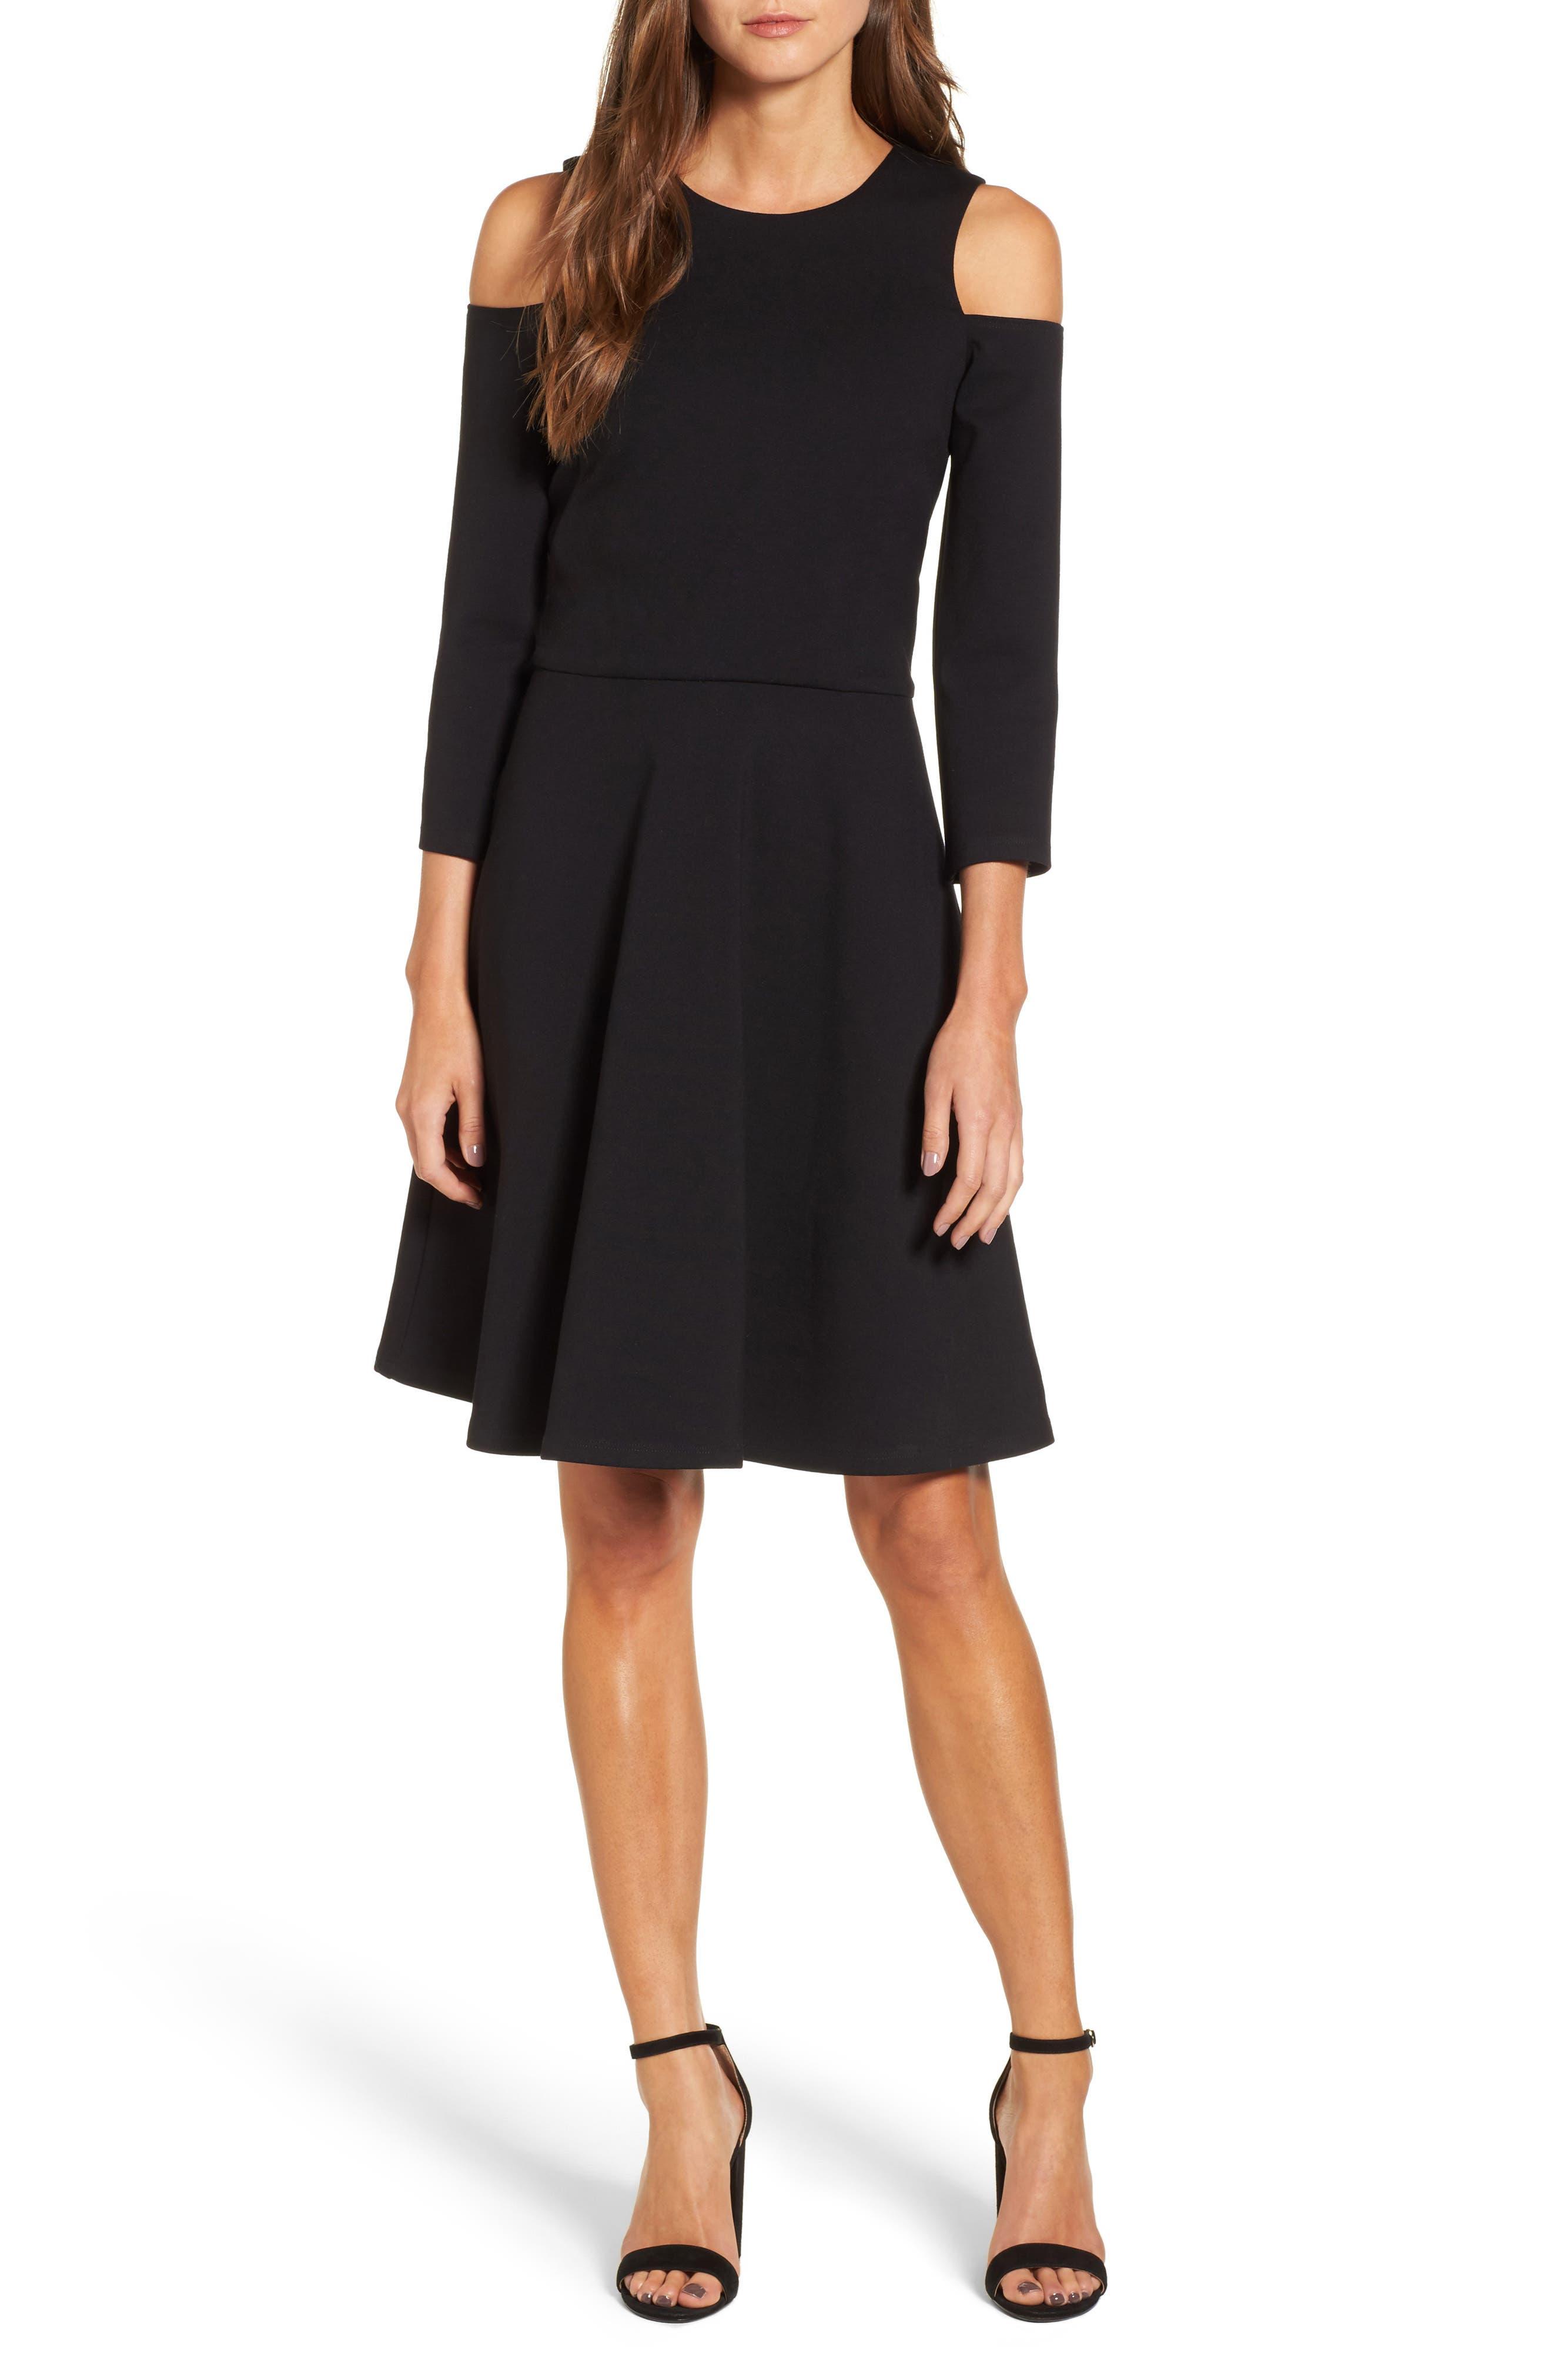 Main Image - Eliza J Cold Shoulder Fit & Flare Dress (Regular & Petite)